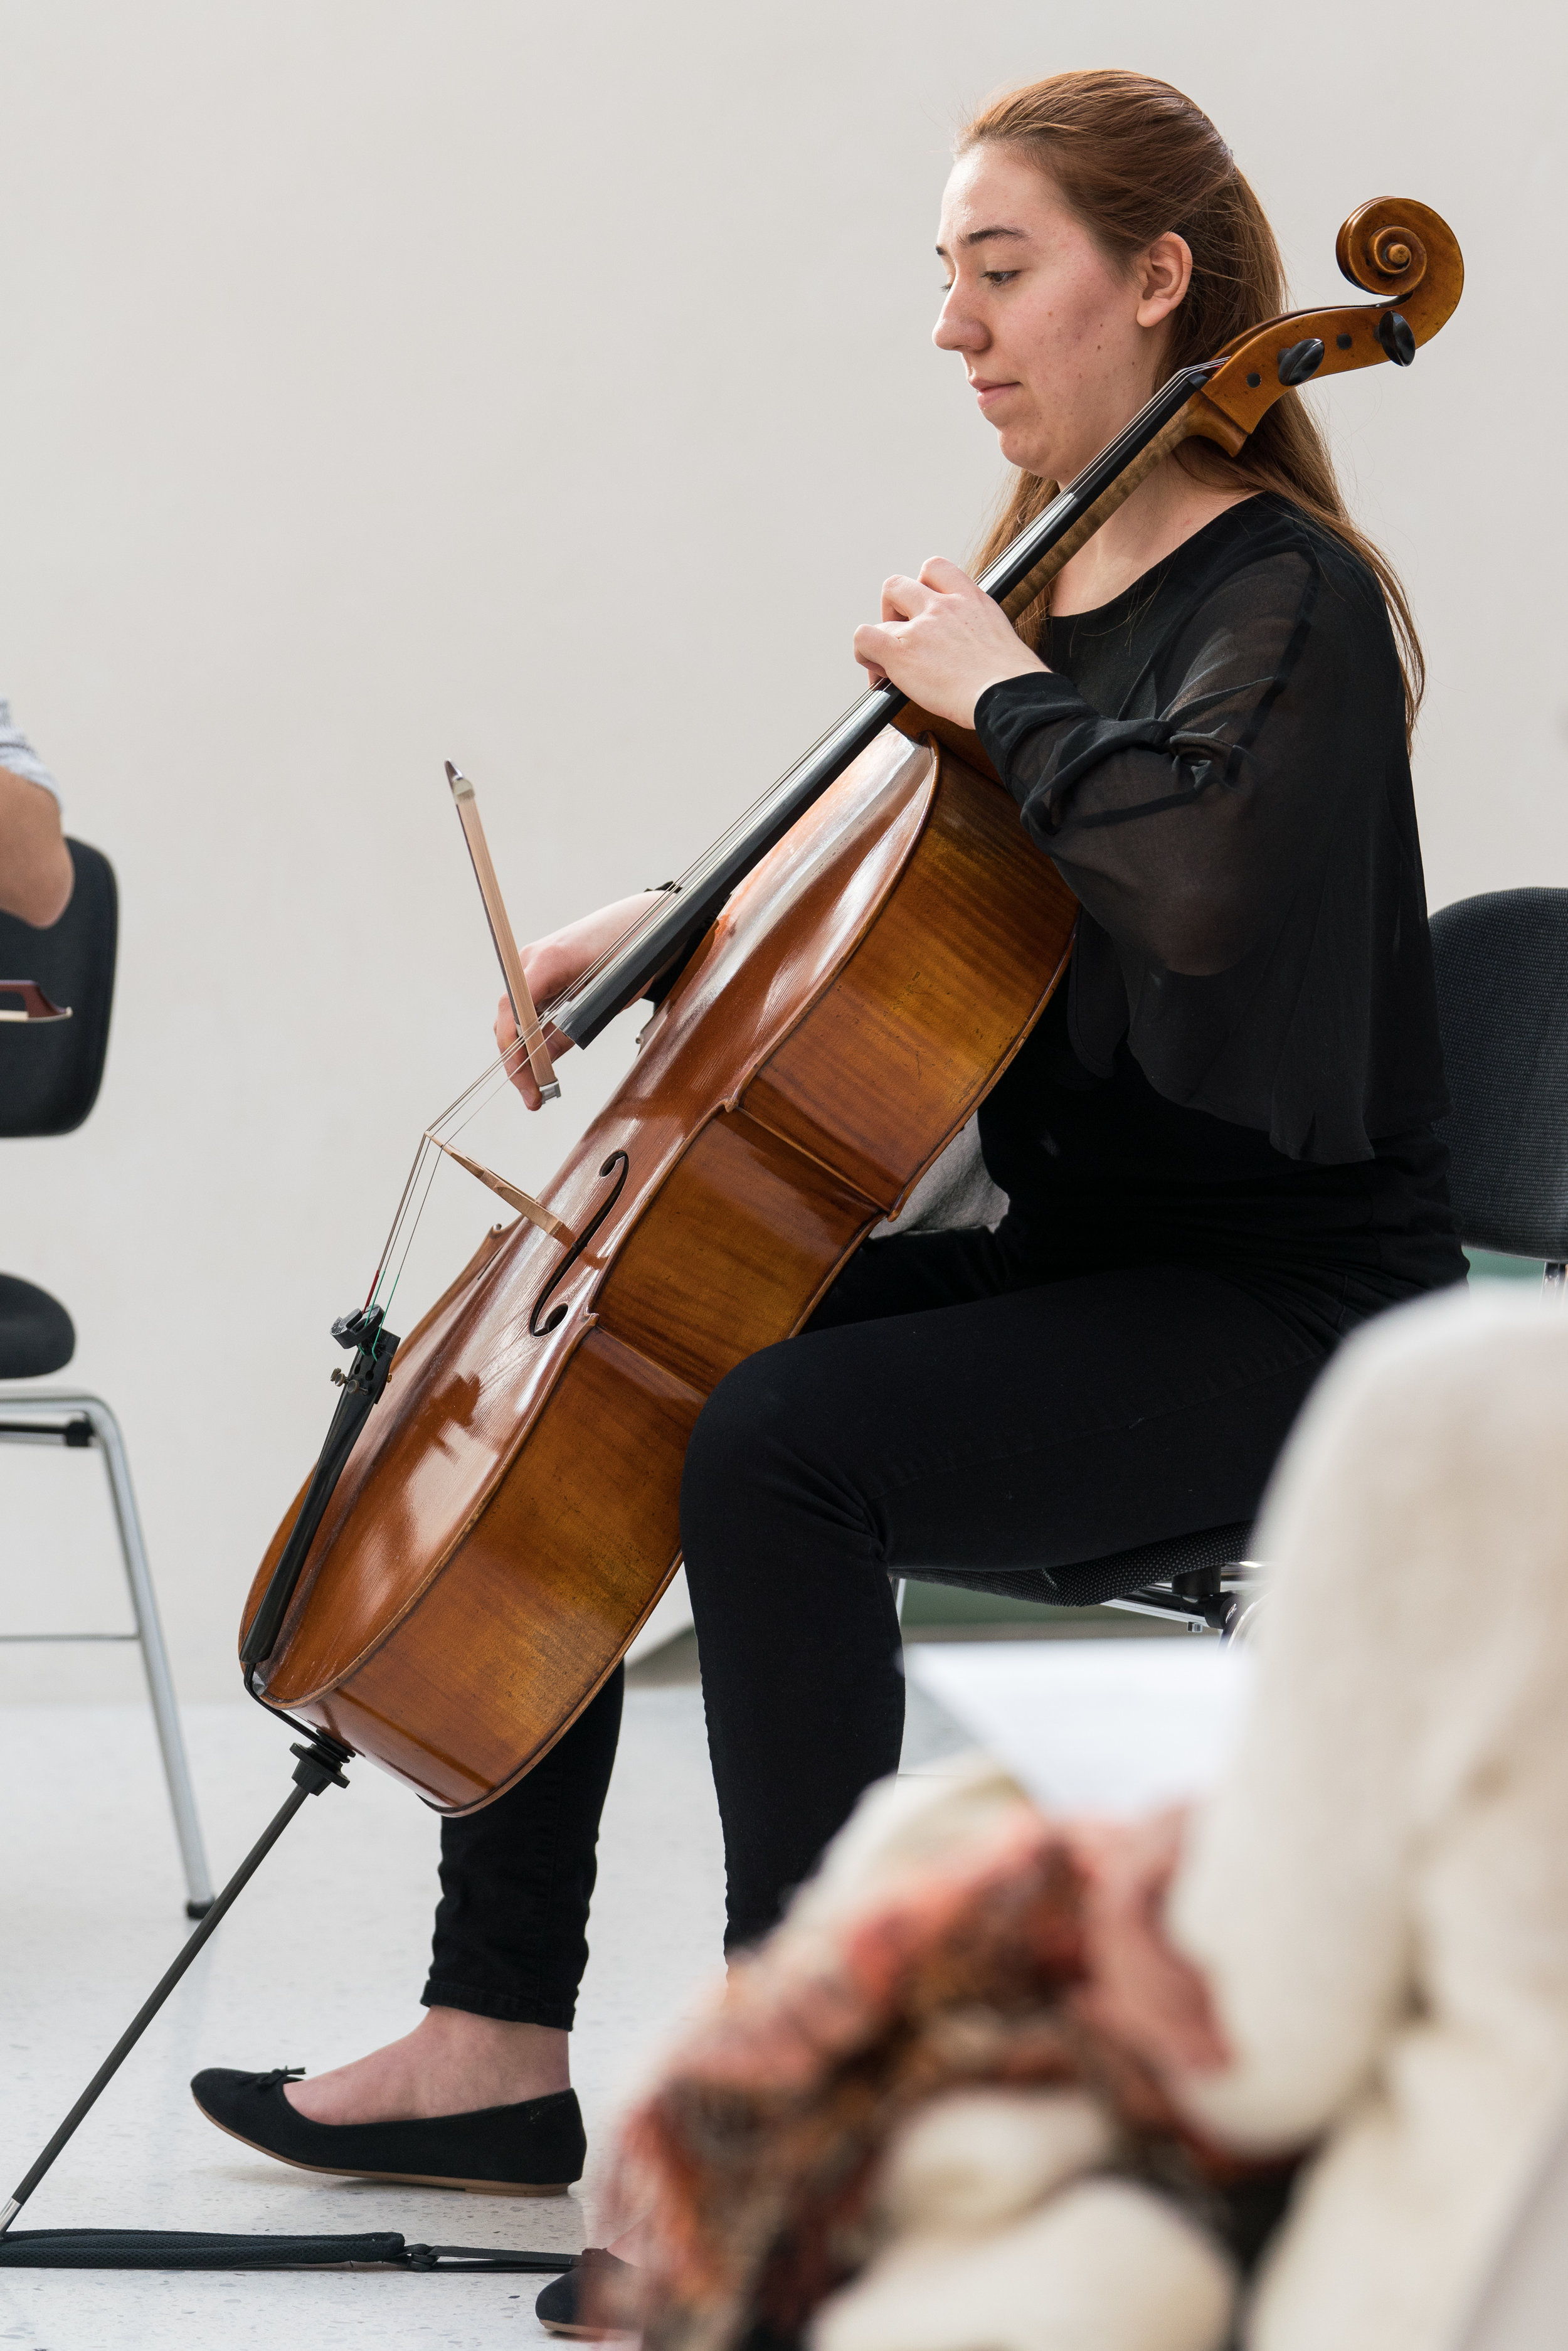 Konzert am Mittag - Cello20180206_002-036.jpg